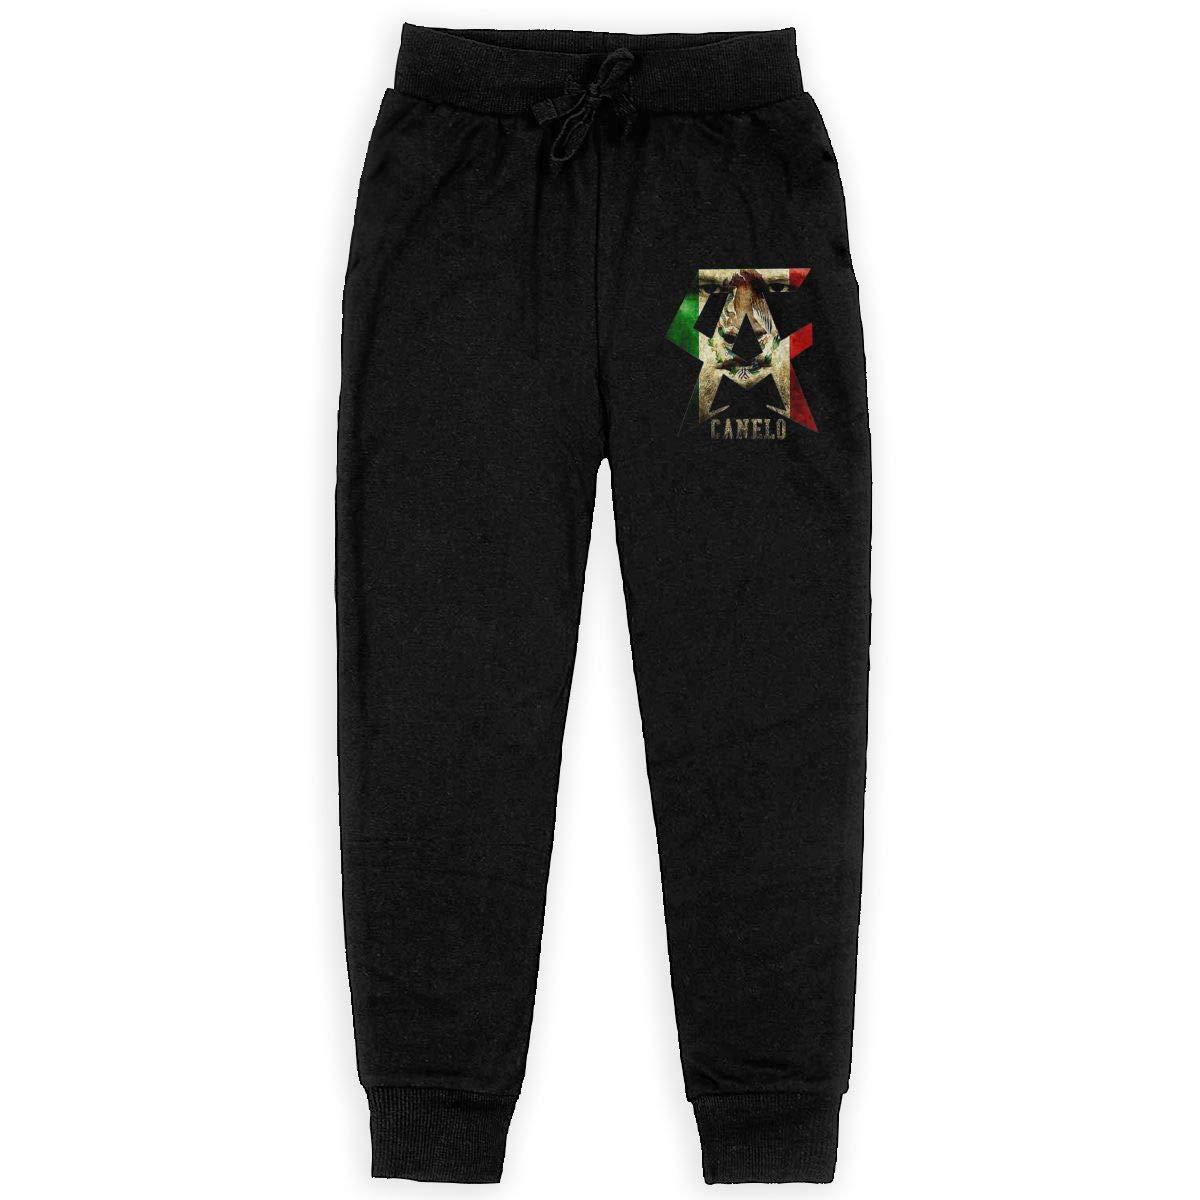 CustomART Canelo Alvarez Unisex Youth Active Basic Jogger Fleece Pants Training Pants